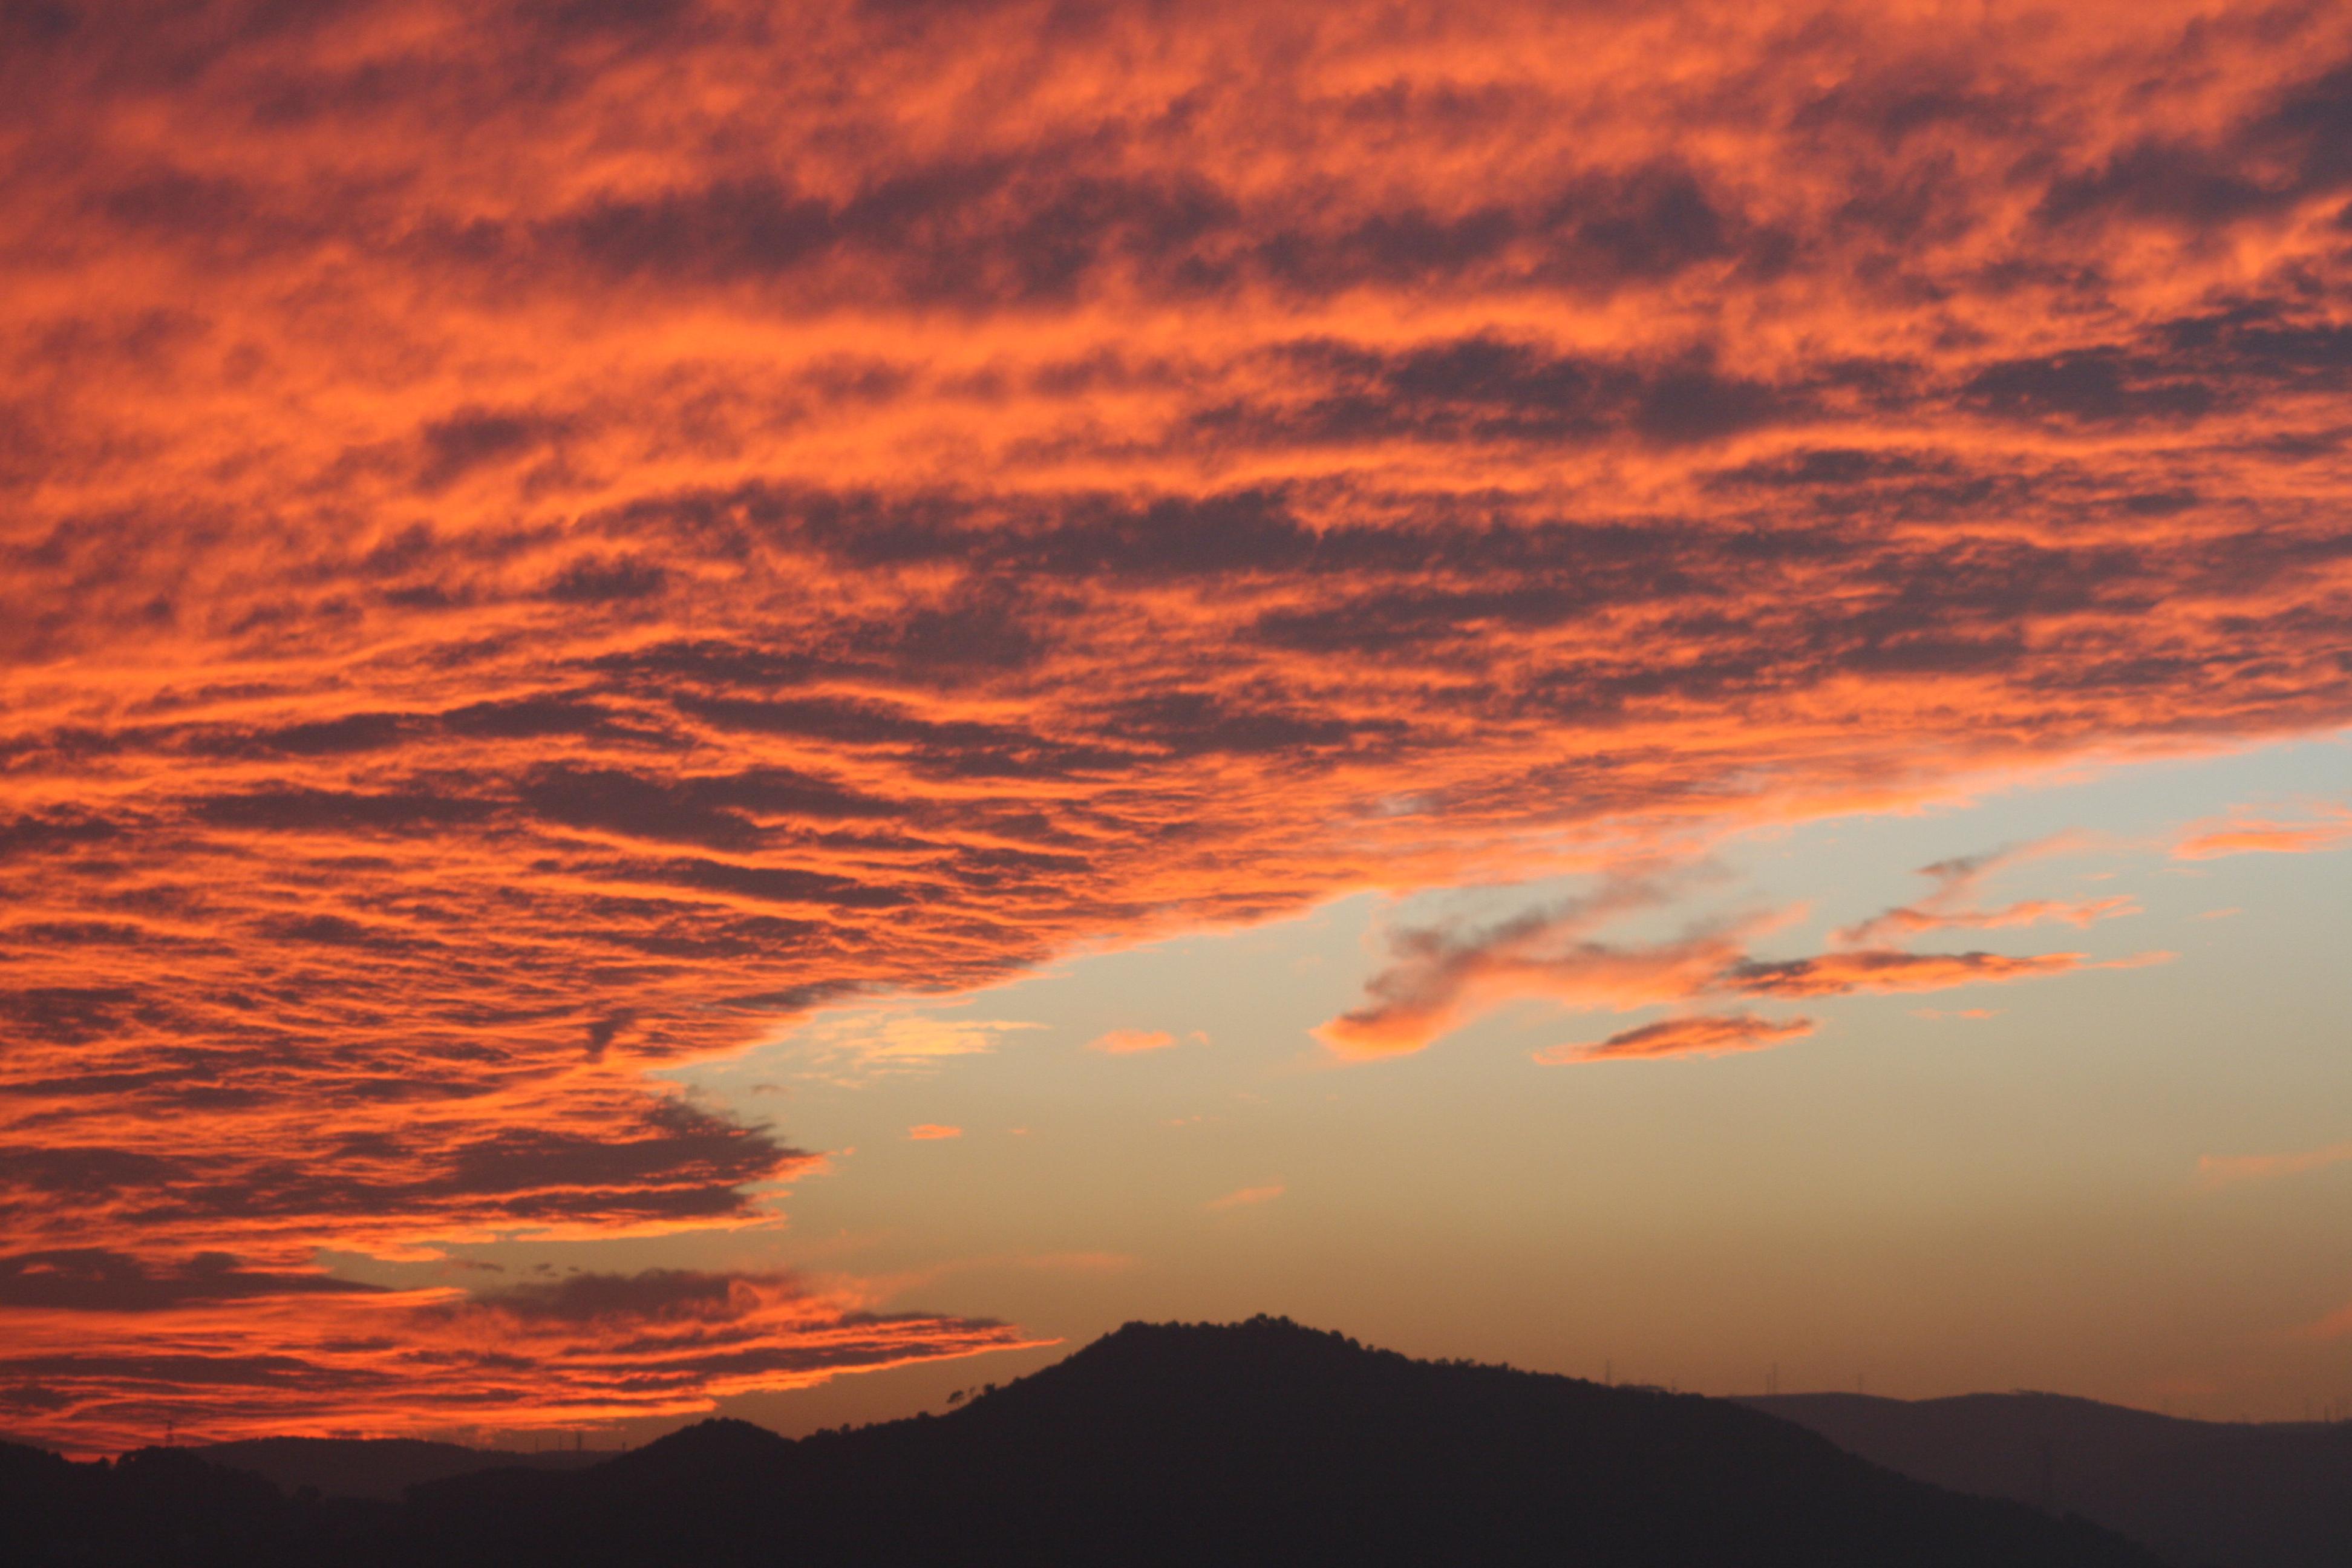 Wallpaper Sunlight Landscape Mountains Sunset Clouds